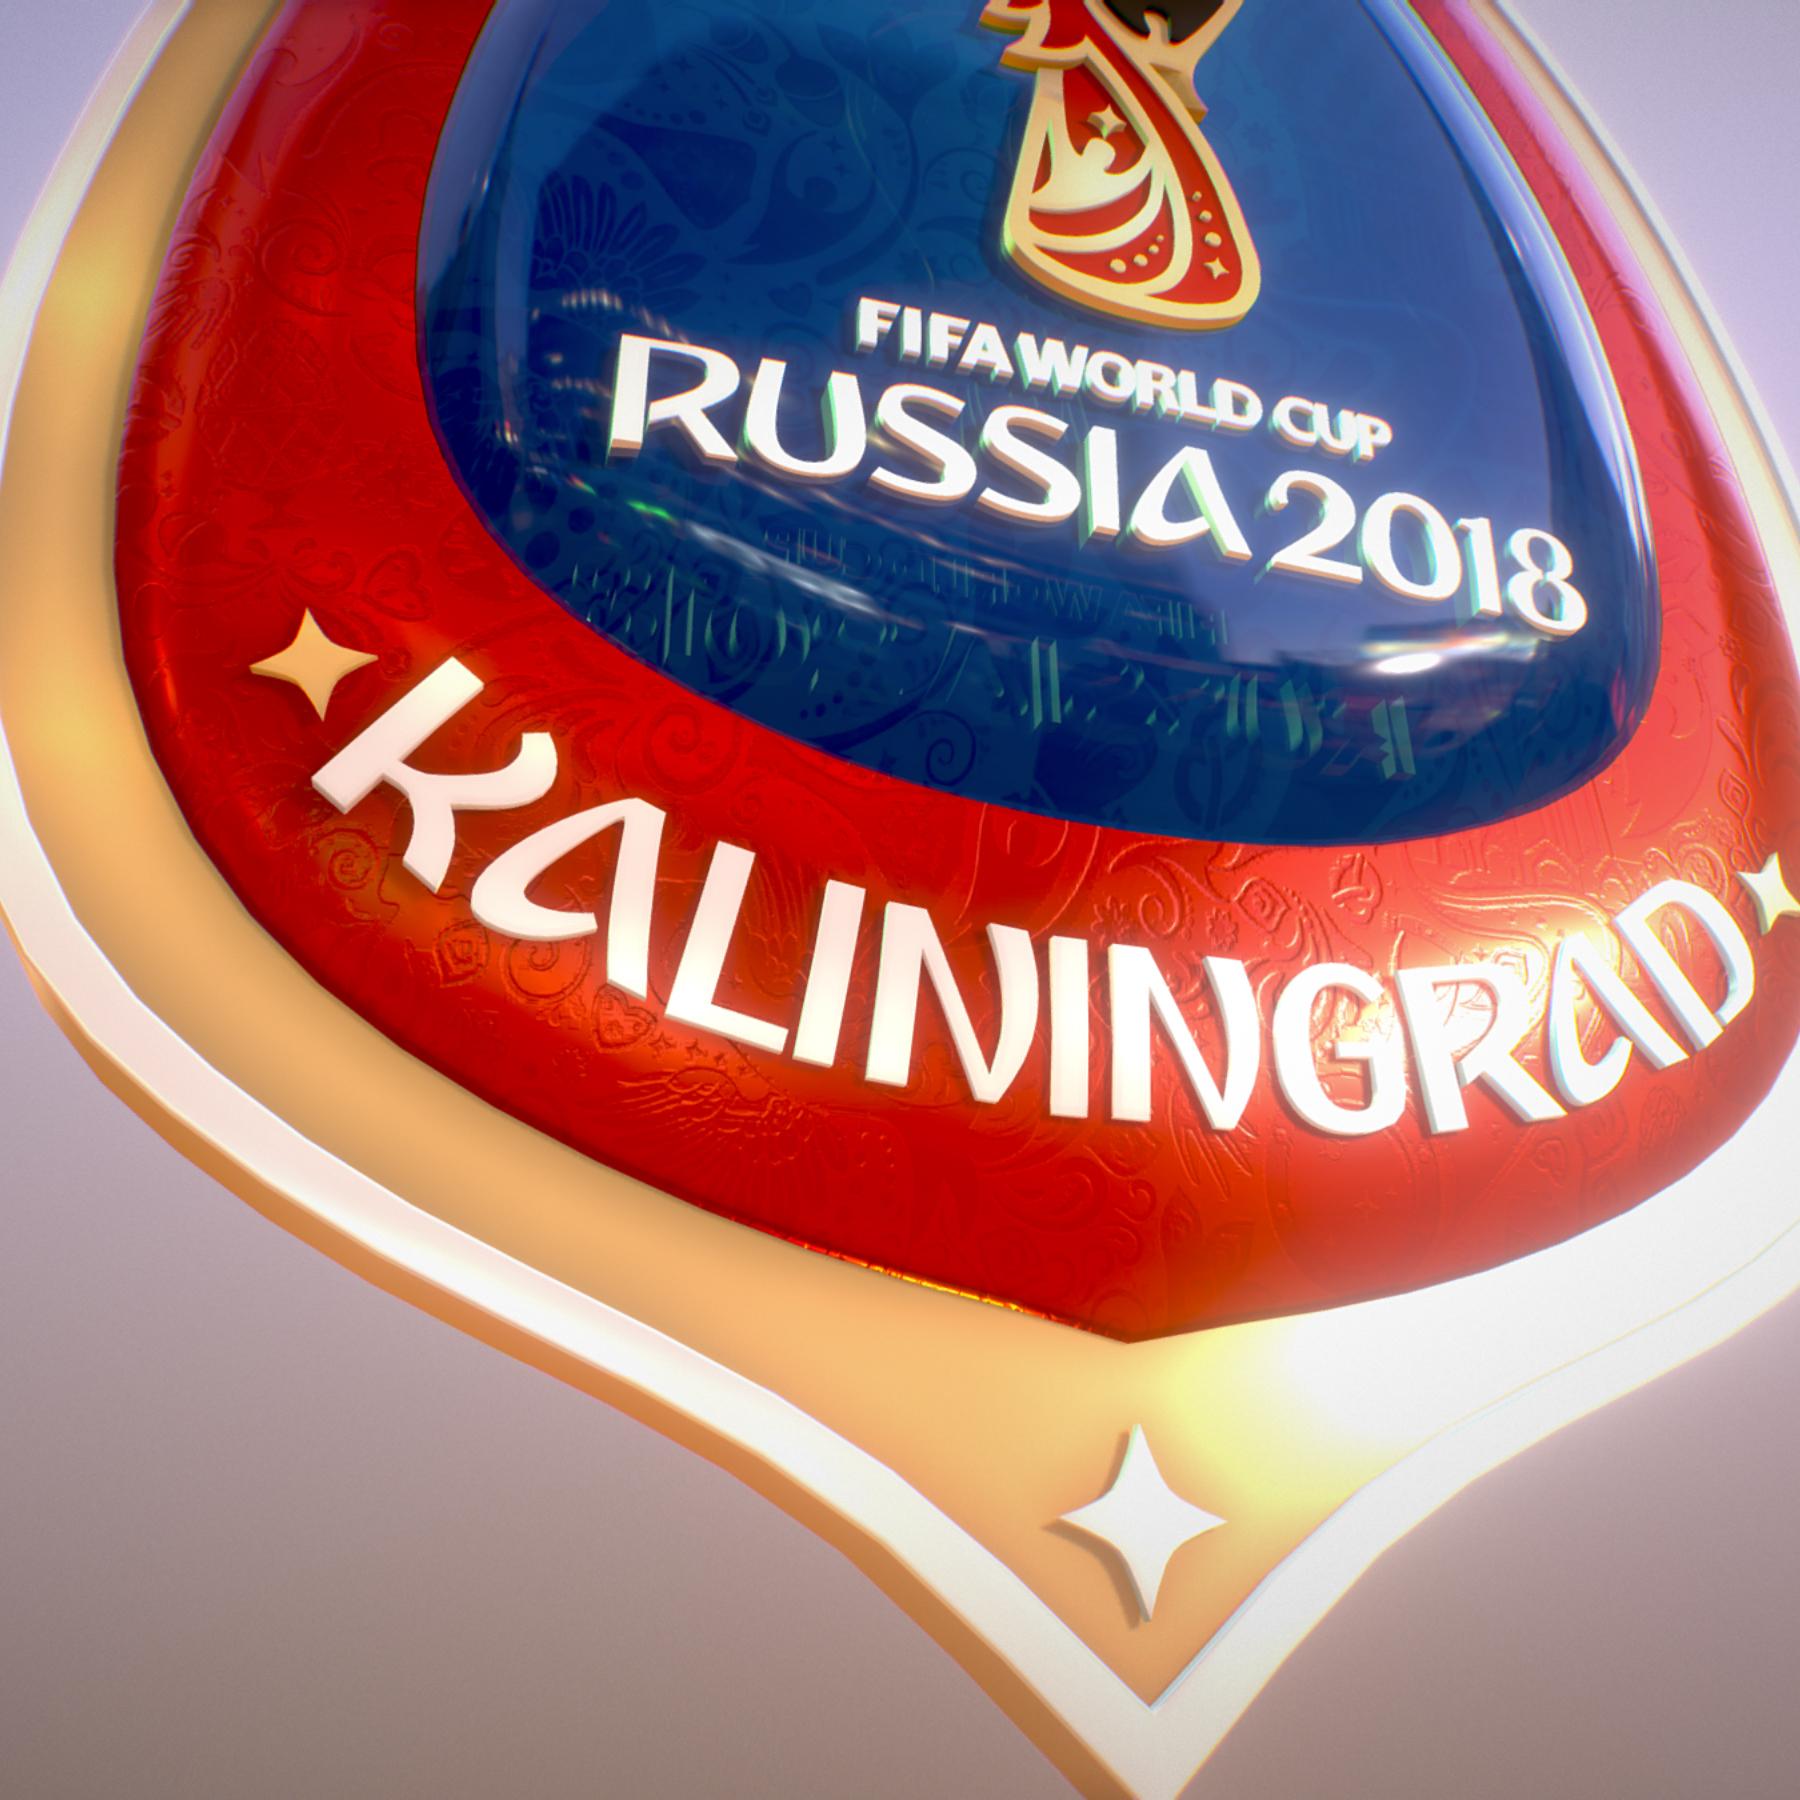 Kaliningrad City World Cup Russia 2018 Symbol 3d model max 3ds max plugin fbx jpeg ma mb obj 271764